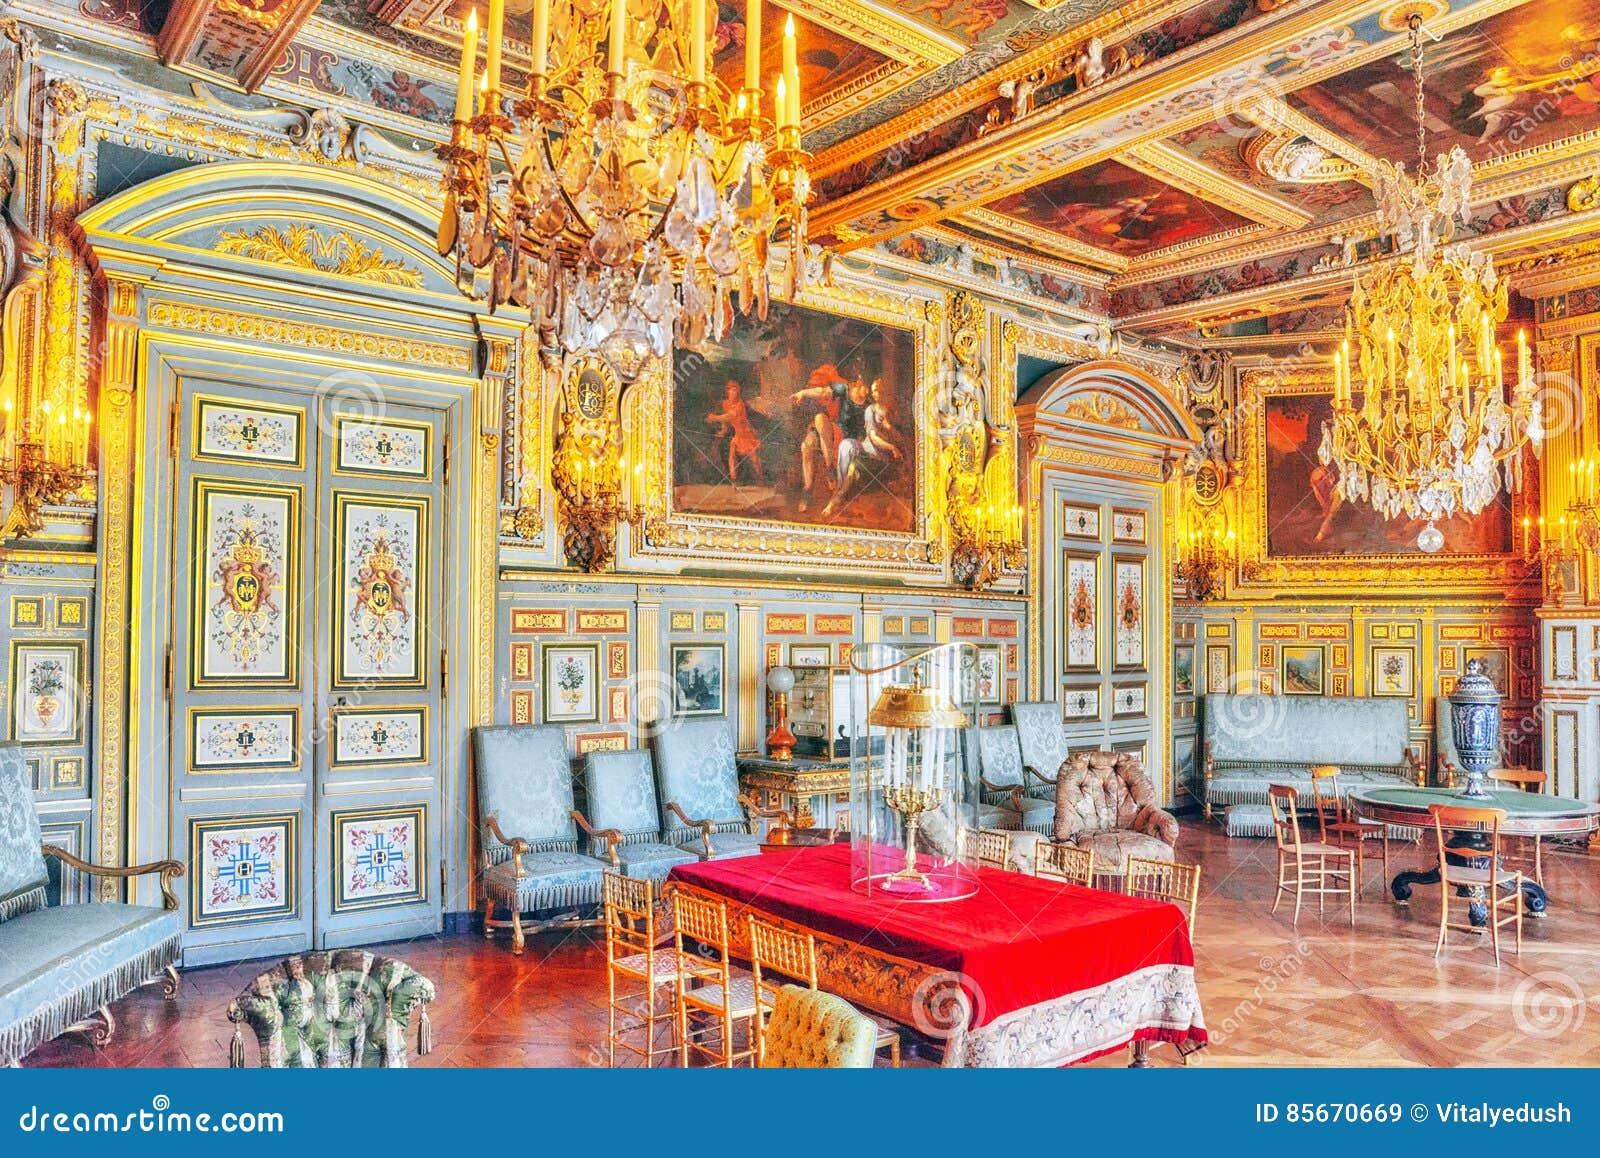 Interni del palazzo di fontainebleau il salone di louis for Interni salone